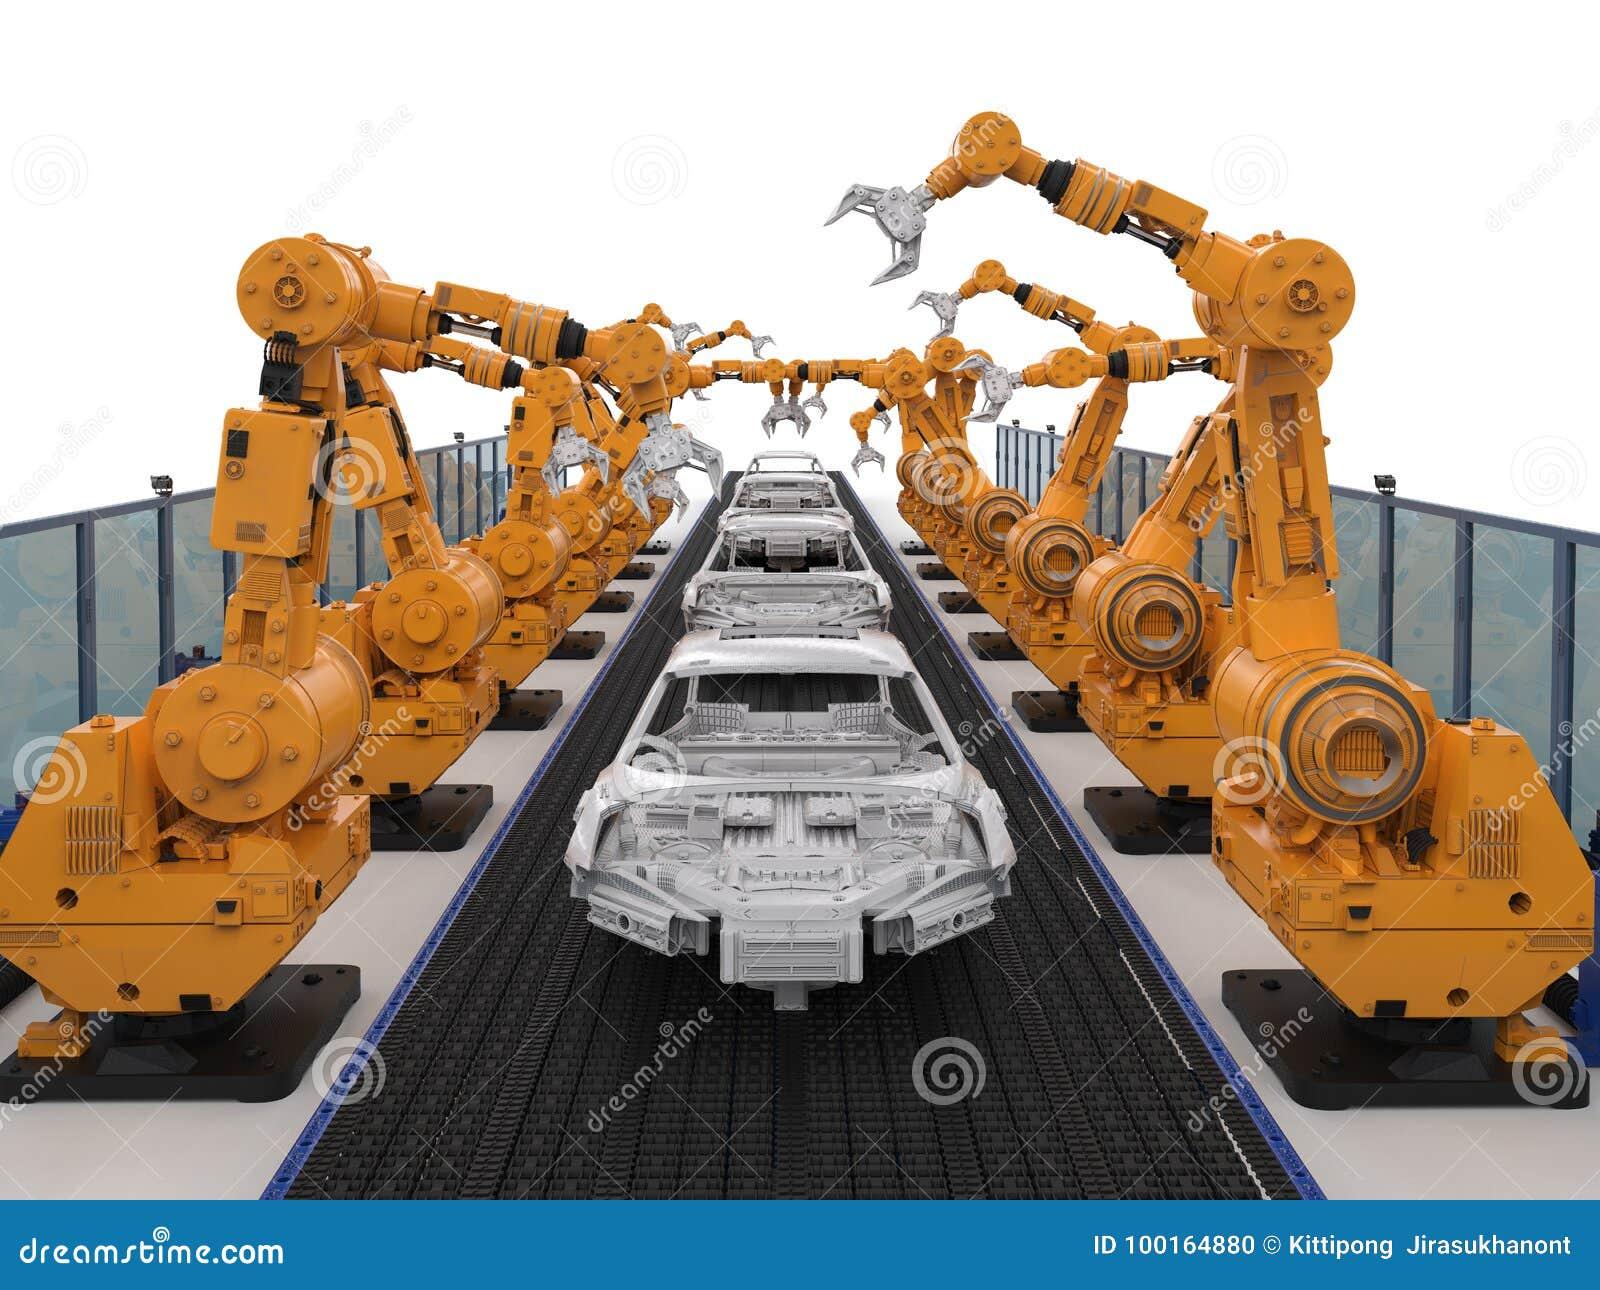 Конвейер автомобилей роботы фольксваген транспортер т4 блок двигателя